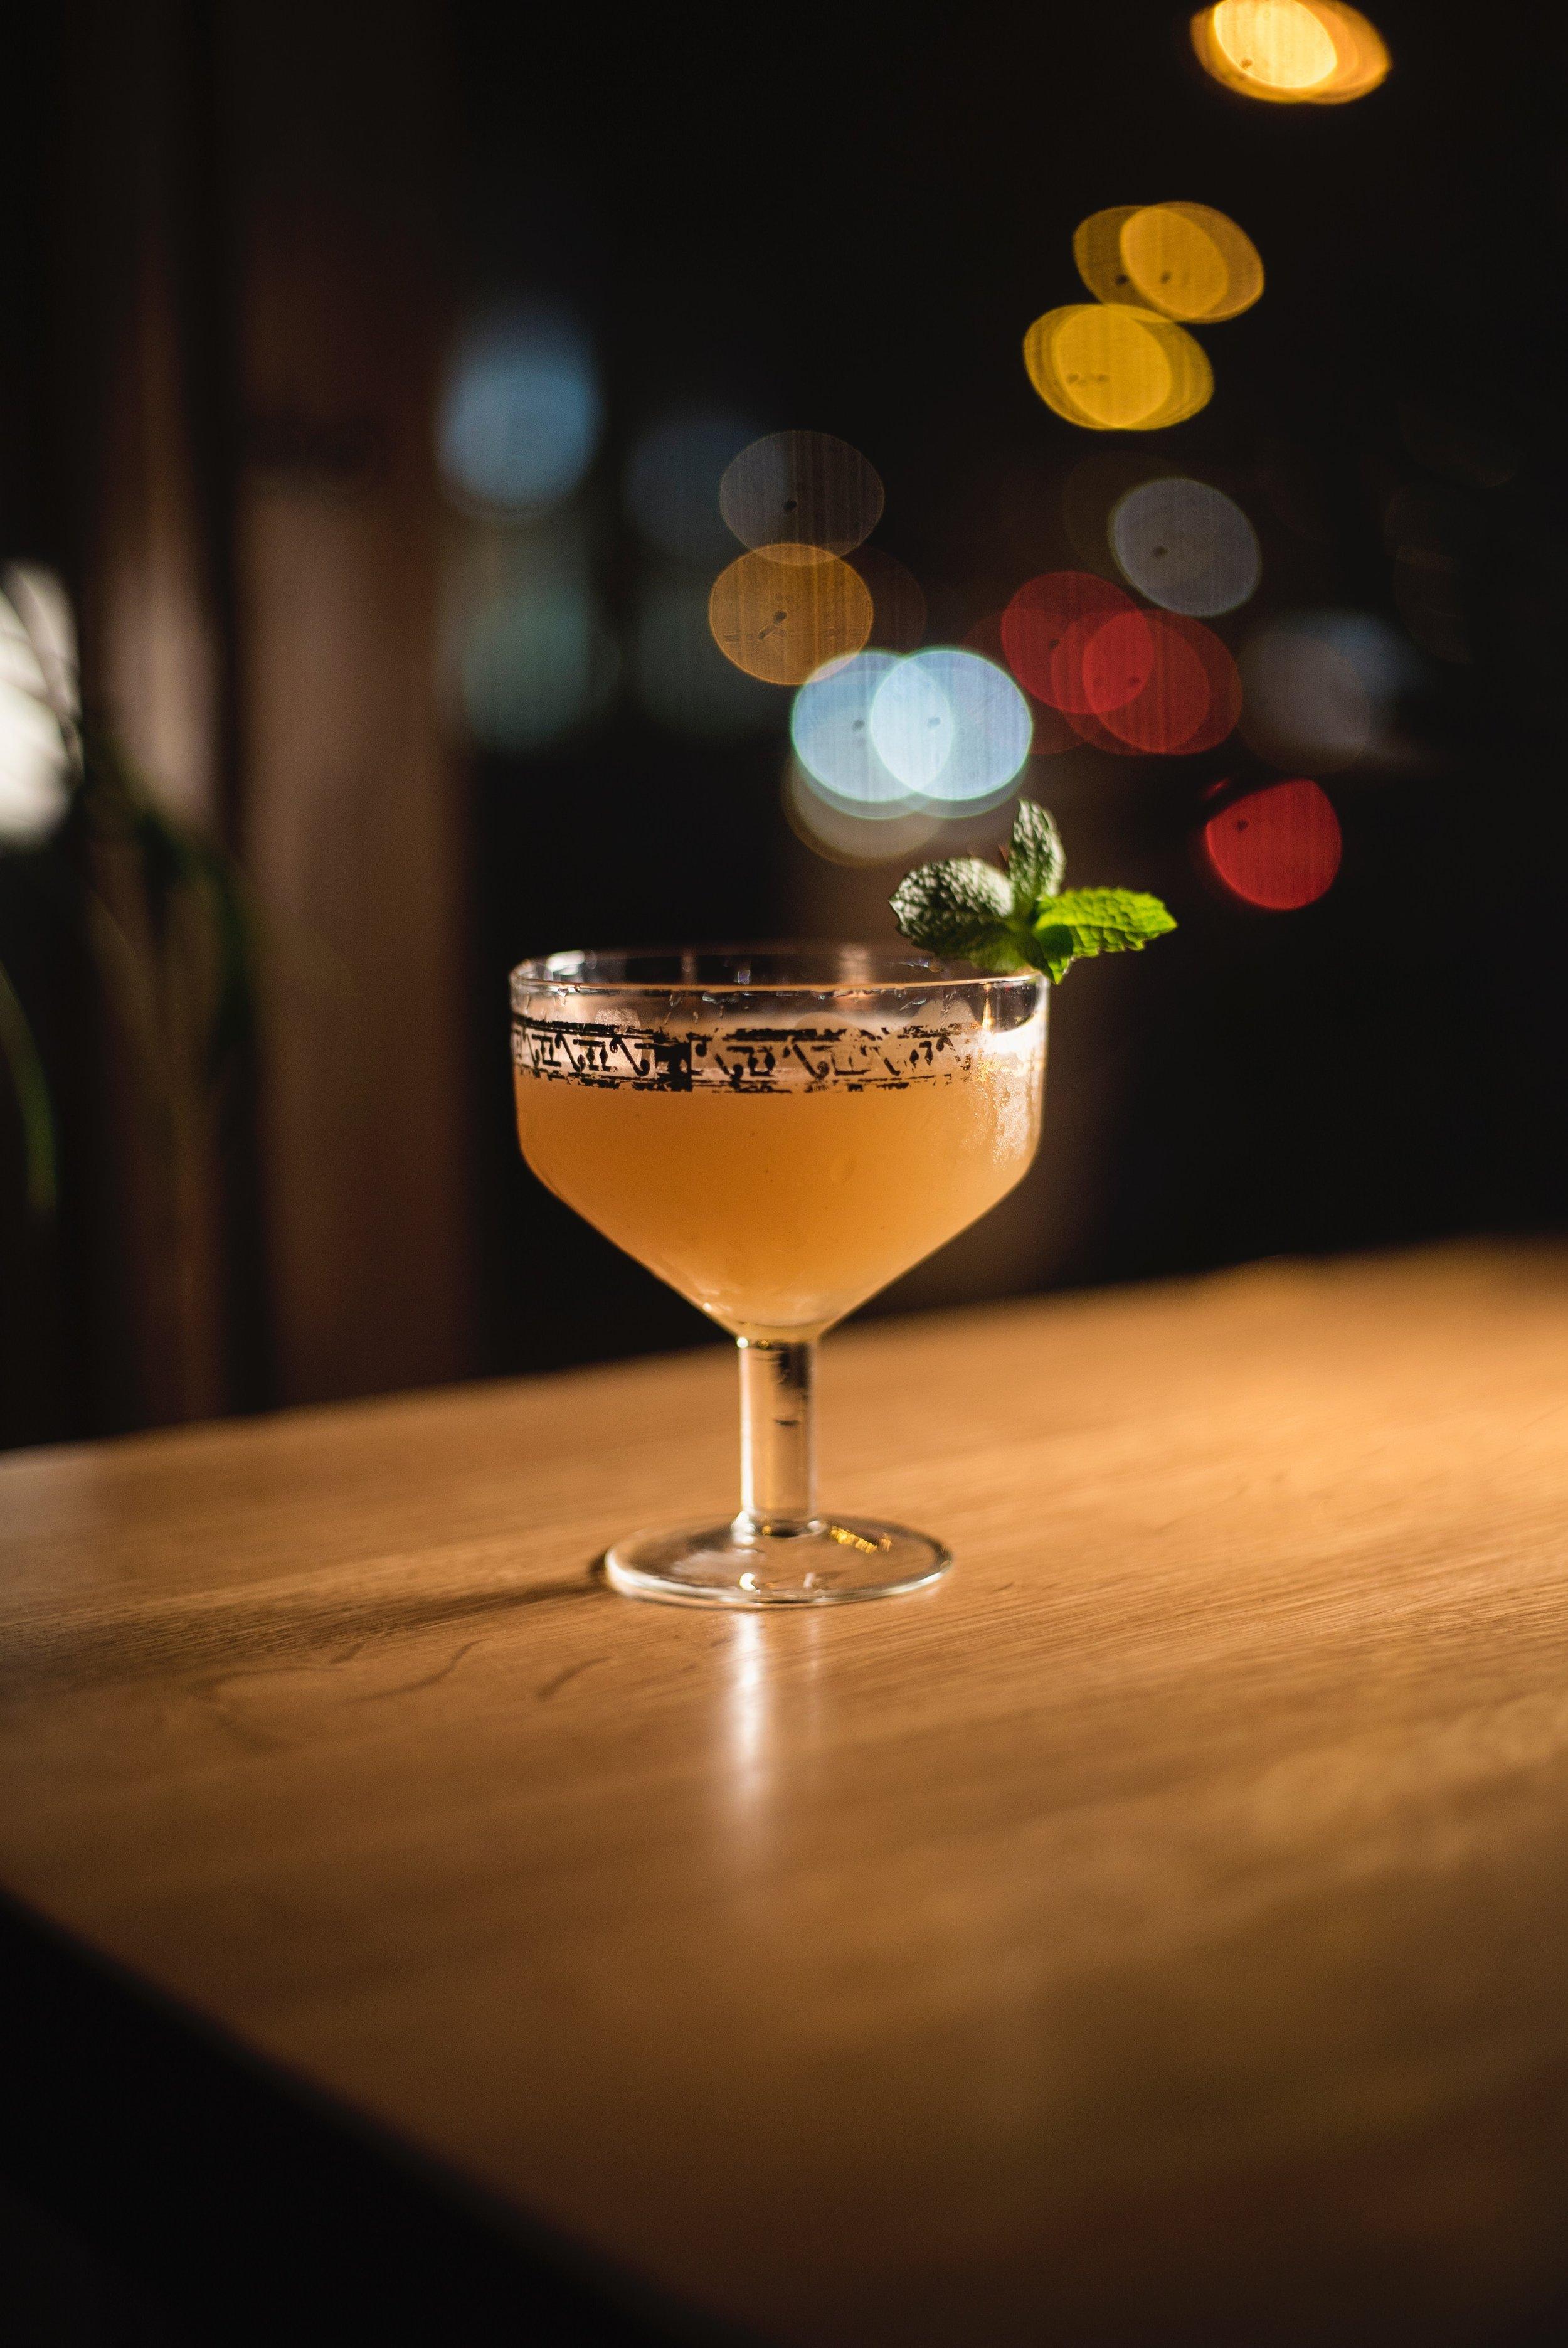 Glamorous cocktail hour accompanied by jazz